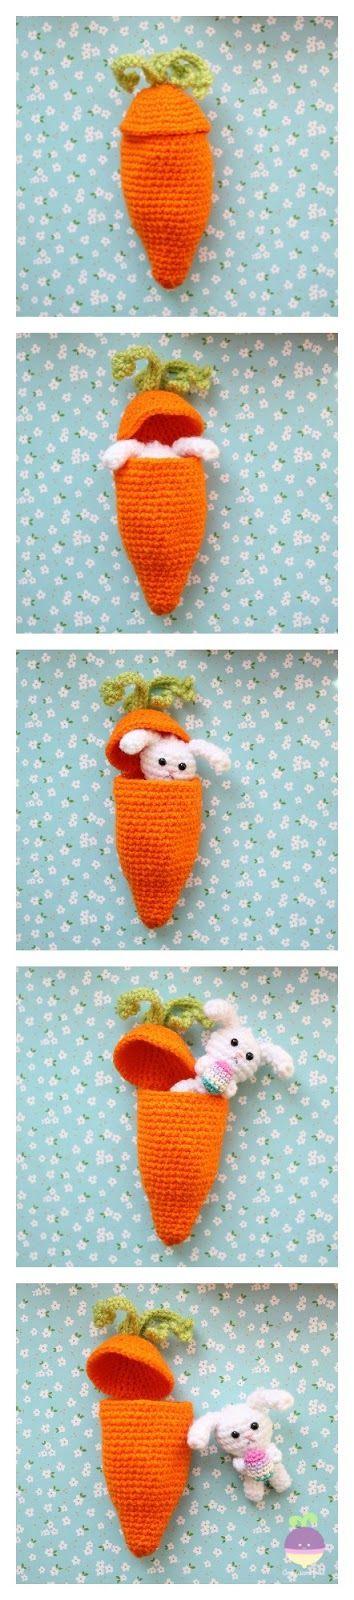 juguete didactico bebe-ninos-crochet-otakulandia.es (21)